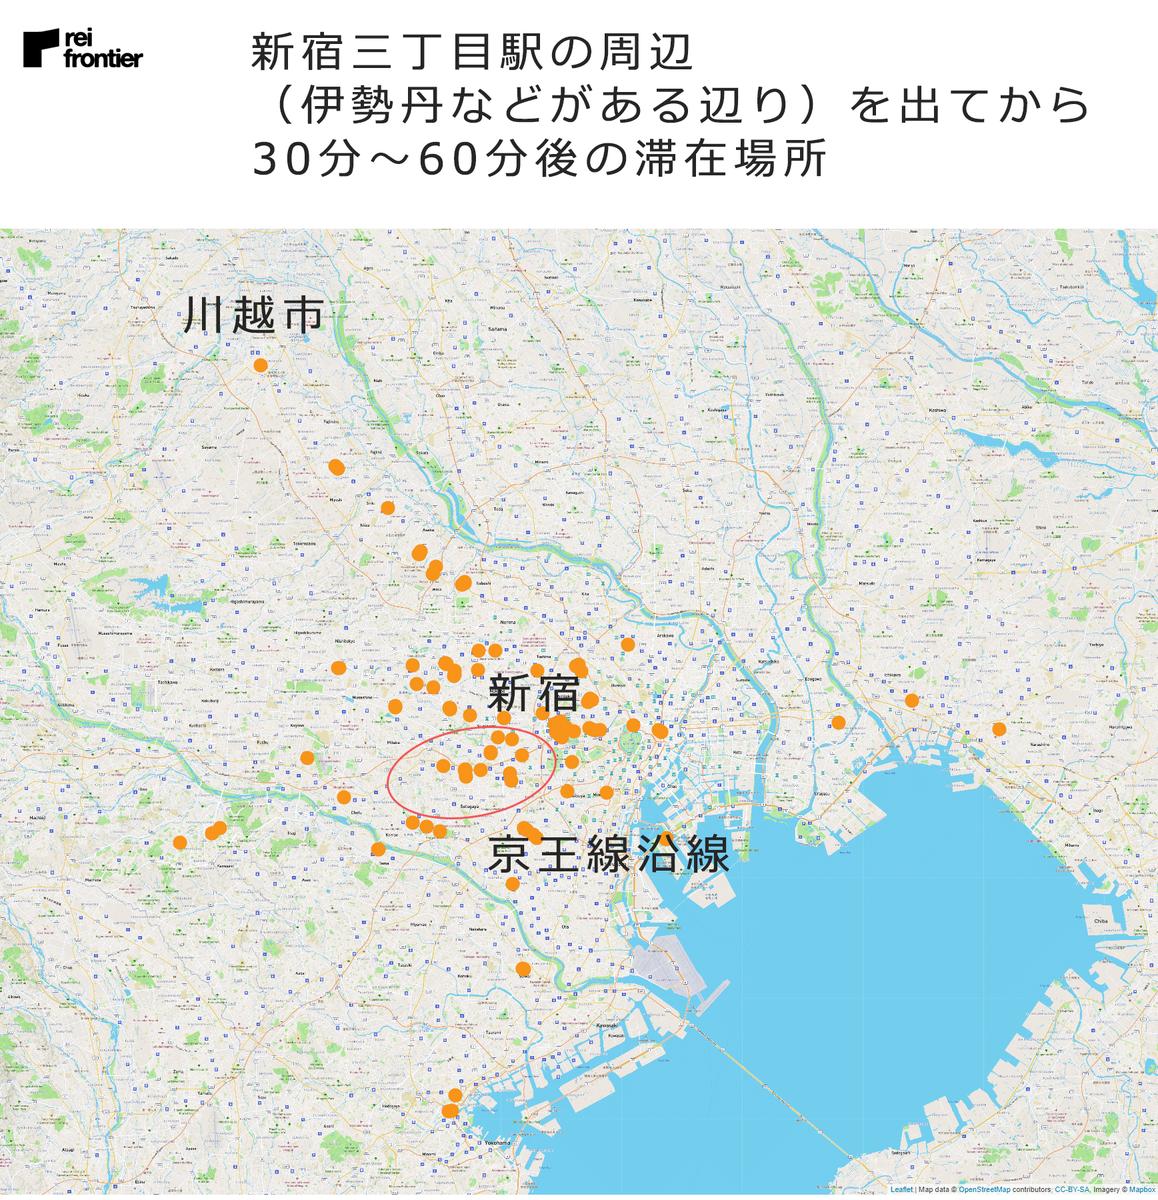 新宿三丁目駅の周辺(伊勢丹などがある辺り)を出てから30分~60分後の滞在場所